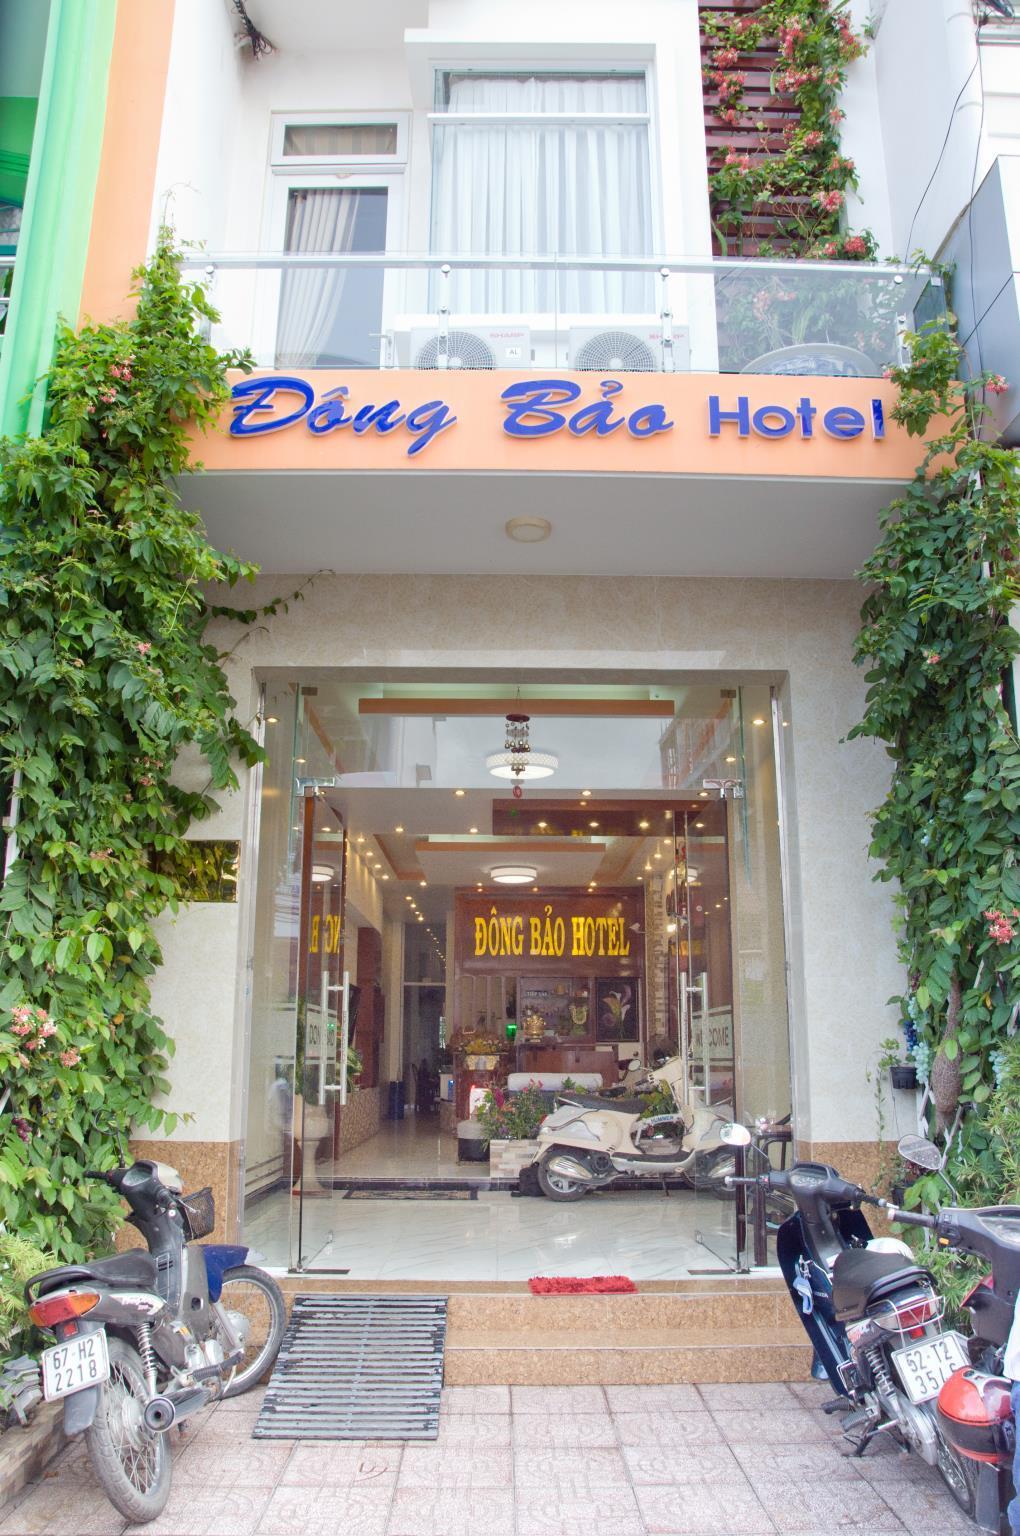 Dong Bao Hotel An Giang, Chau Doc